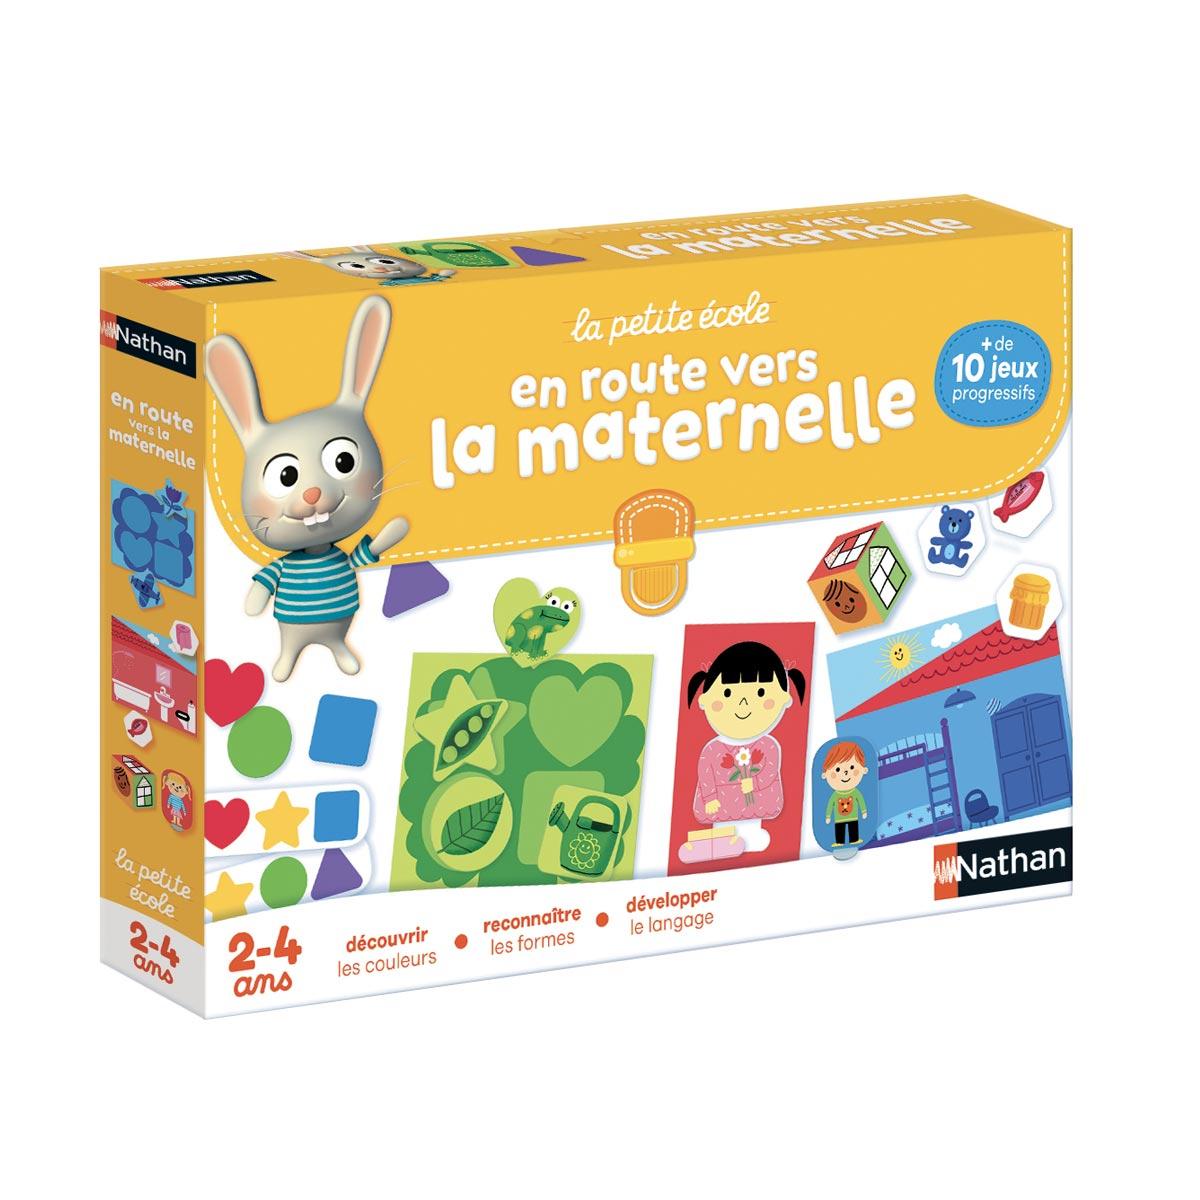 Coffret De Jeux En Route Vers La Maternelle à Jeux Educatif Gratuit Maternelle